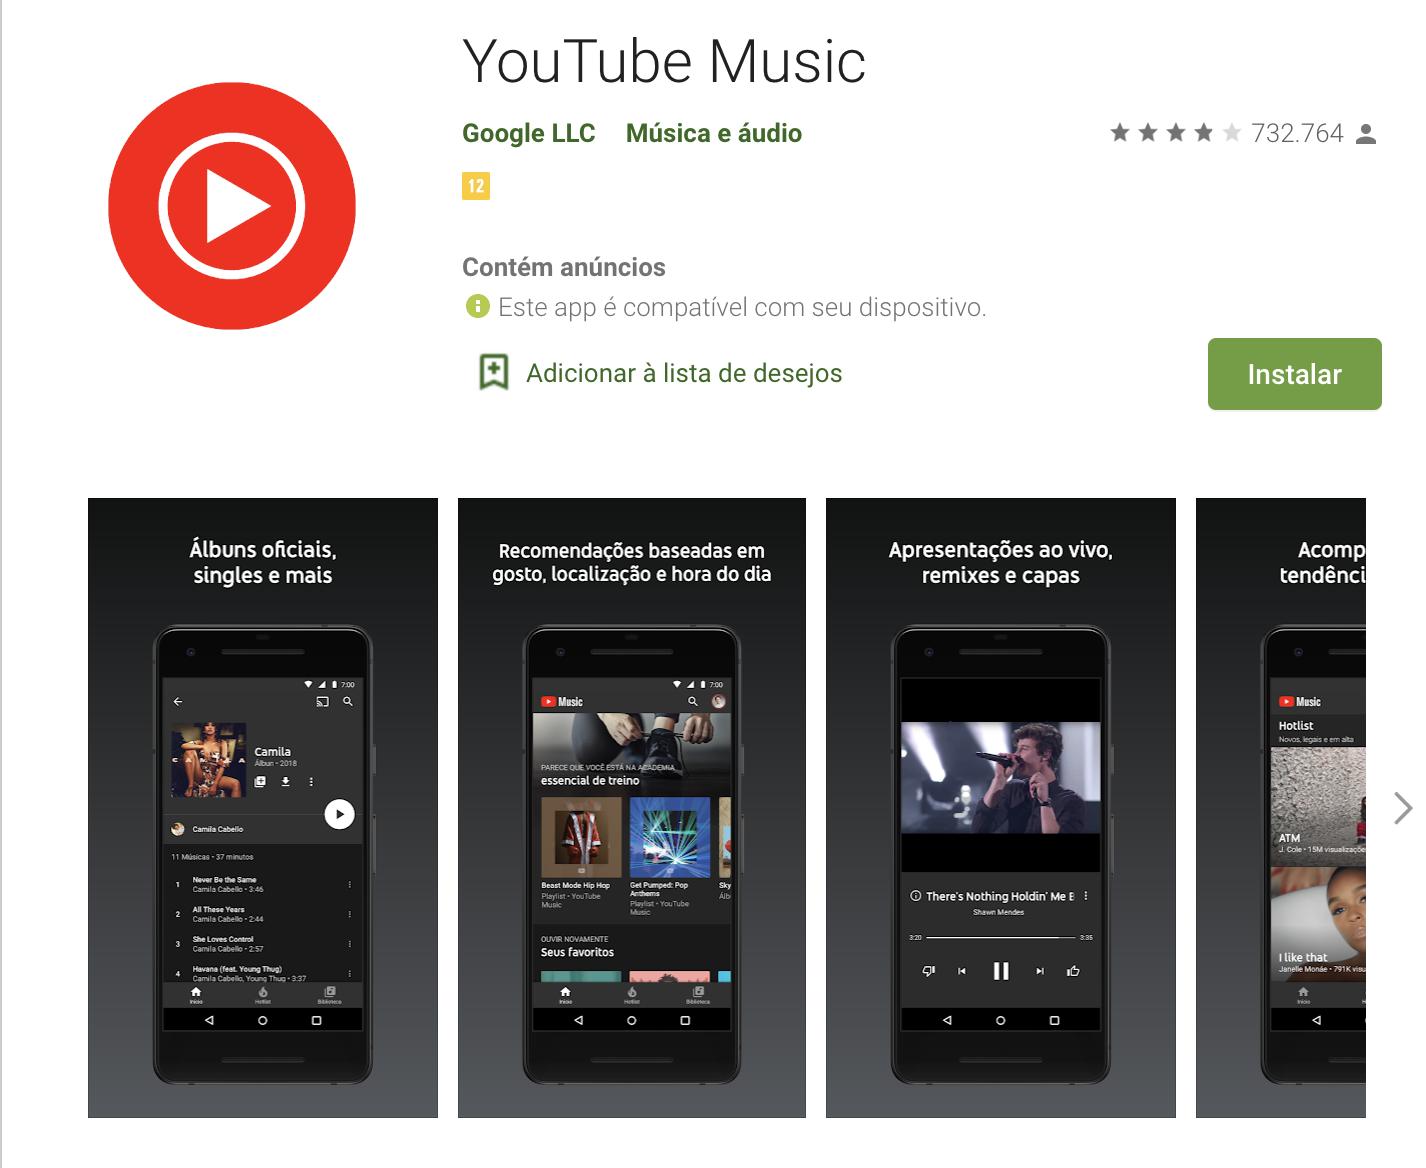 Youtube Music como exemplo de plataforma digitais para música